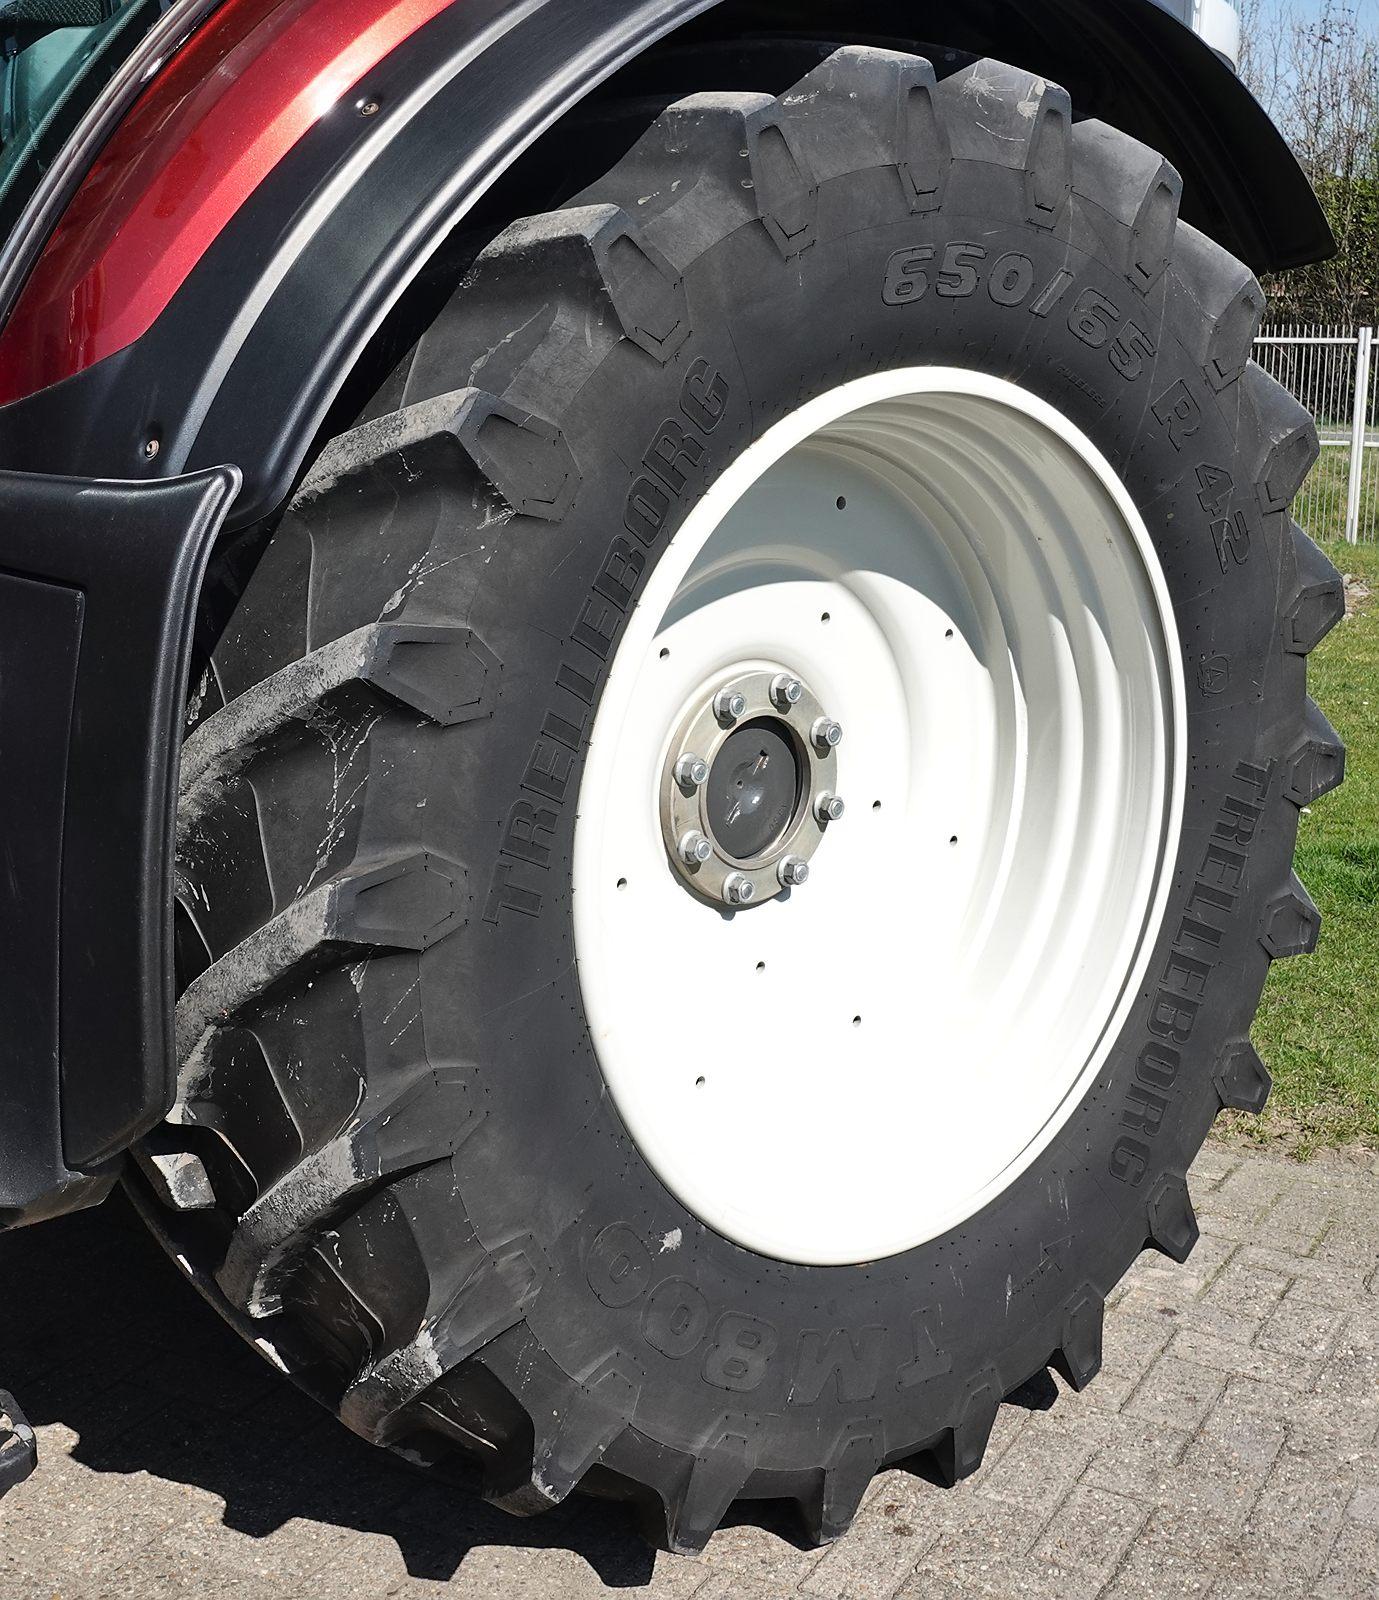 1 Paar Trelleborg 650/65 R42 Hinterräder auf Felge